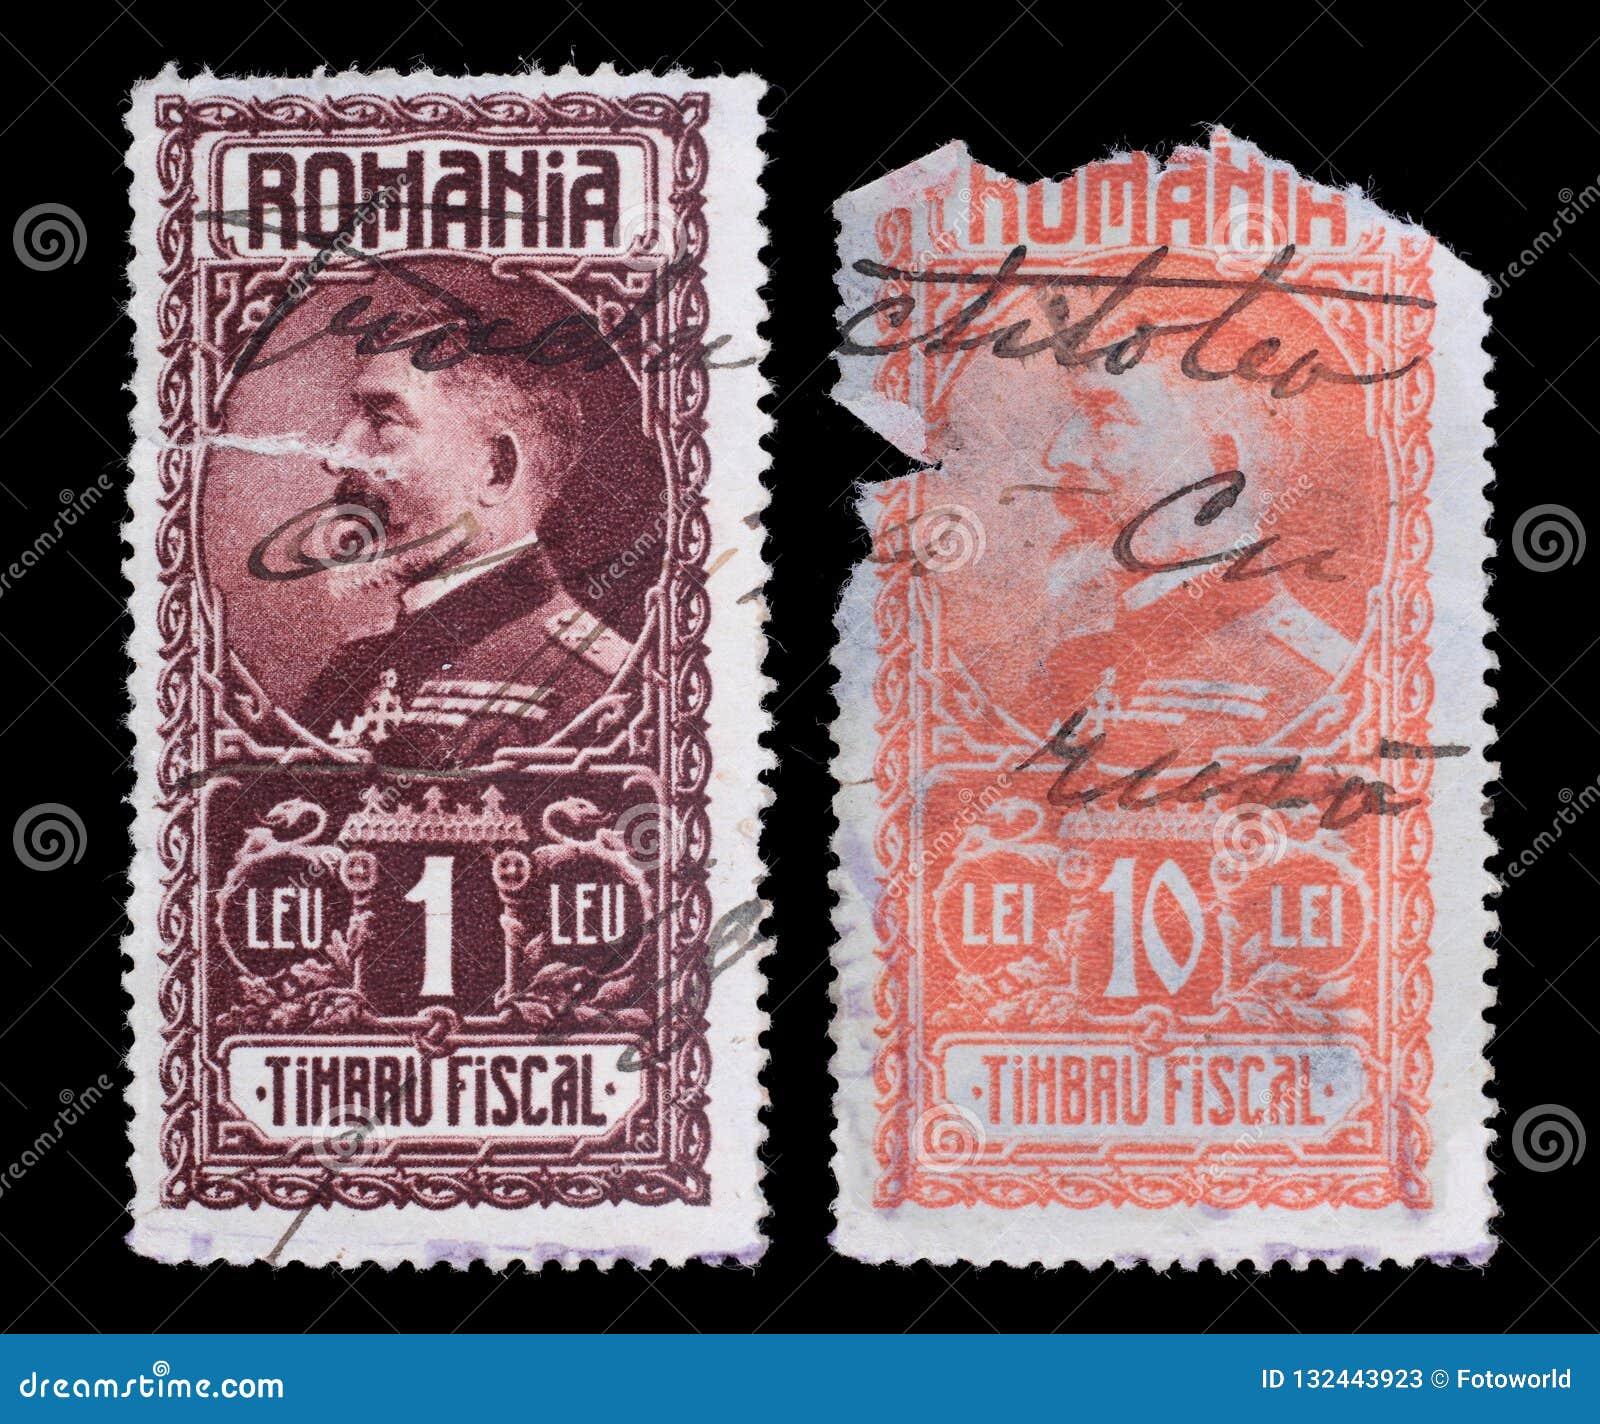 Gli Stati Uniti Francobolli romania Re raro 1927 Ferdinand I